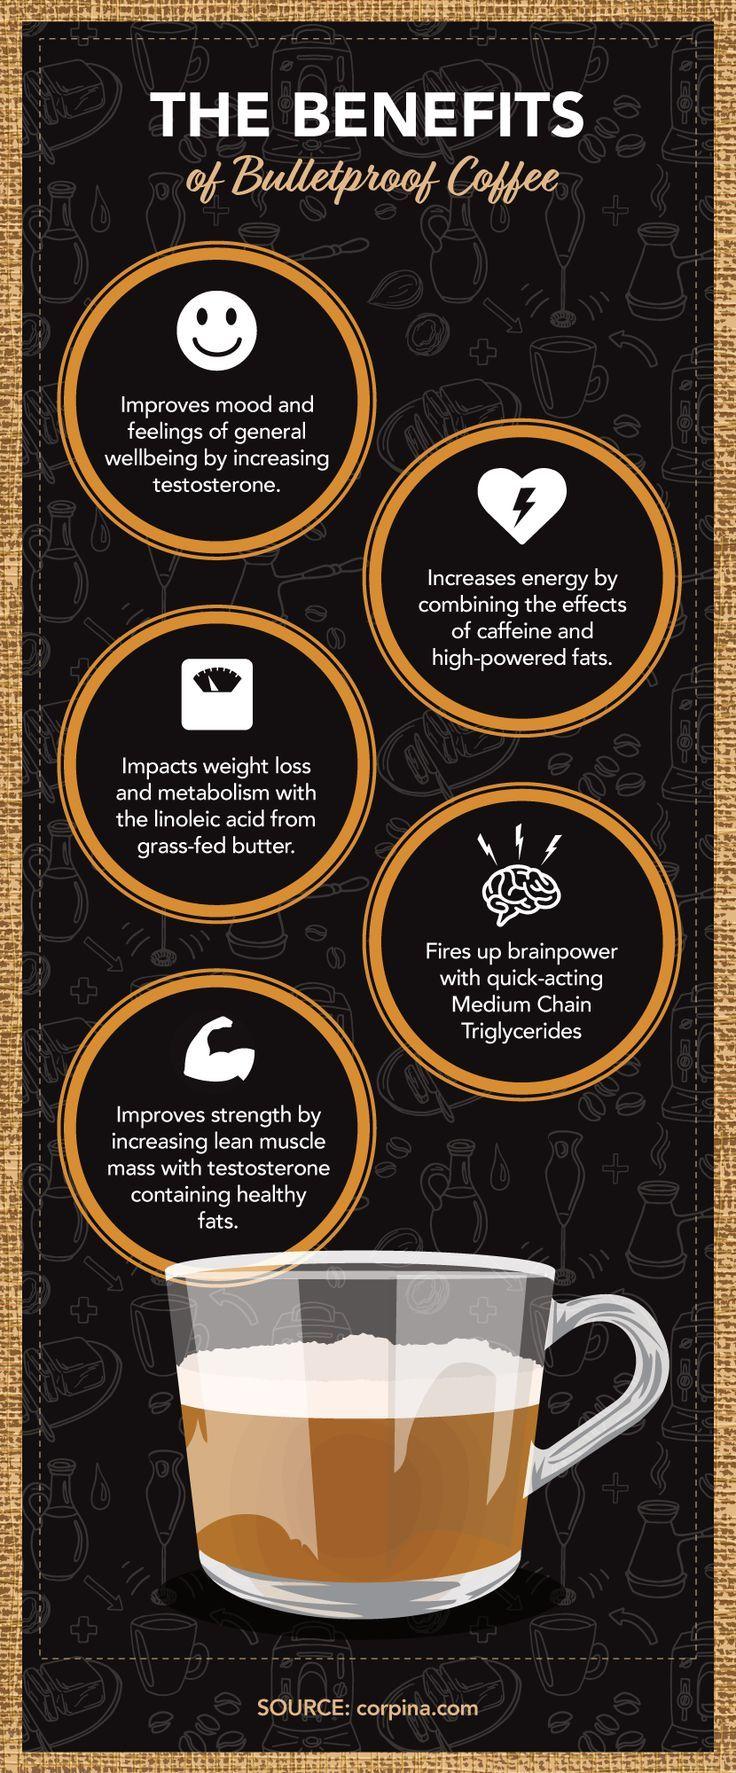 convient aux résultats de la combustion des graisses sur 30 jours